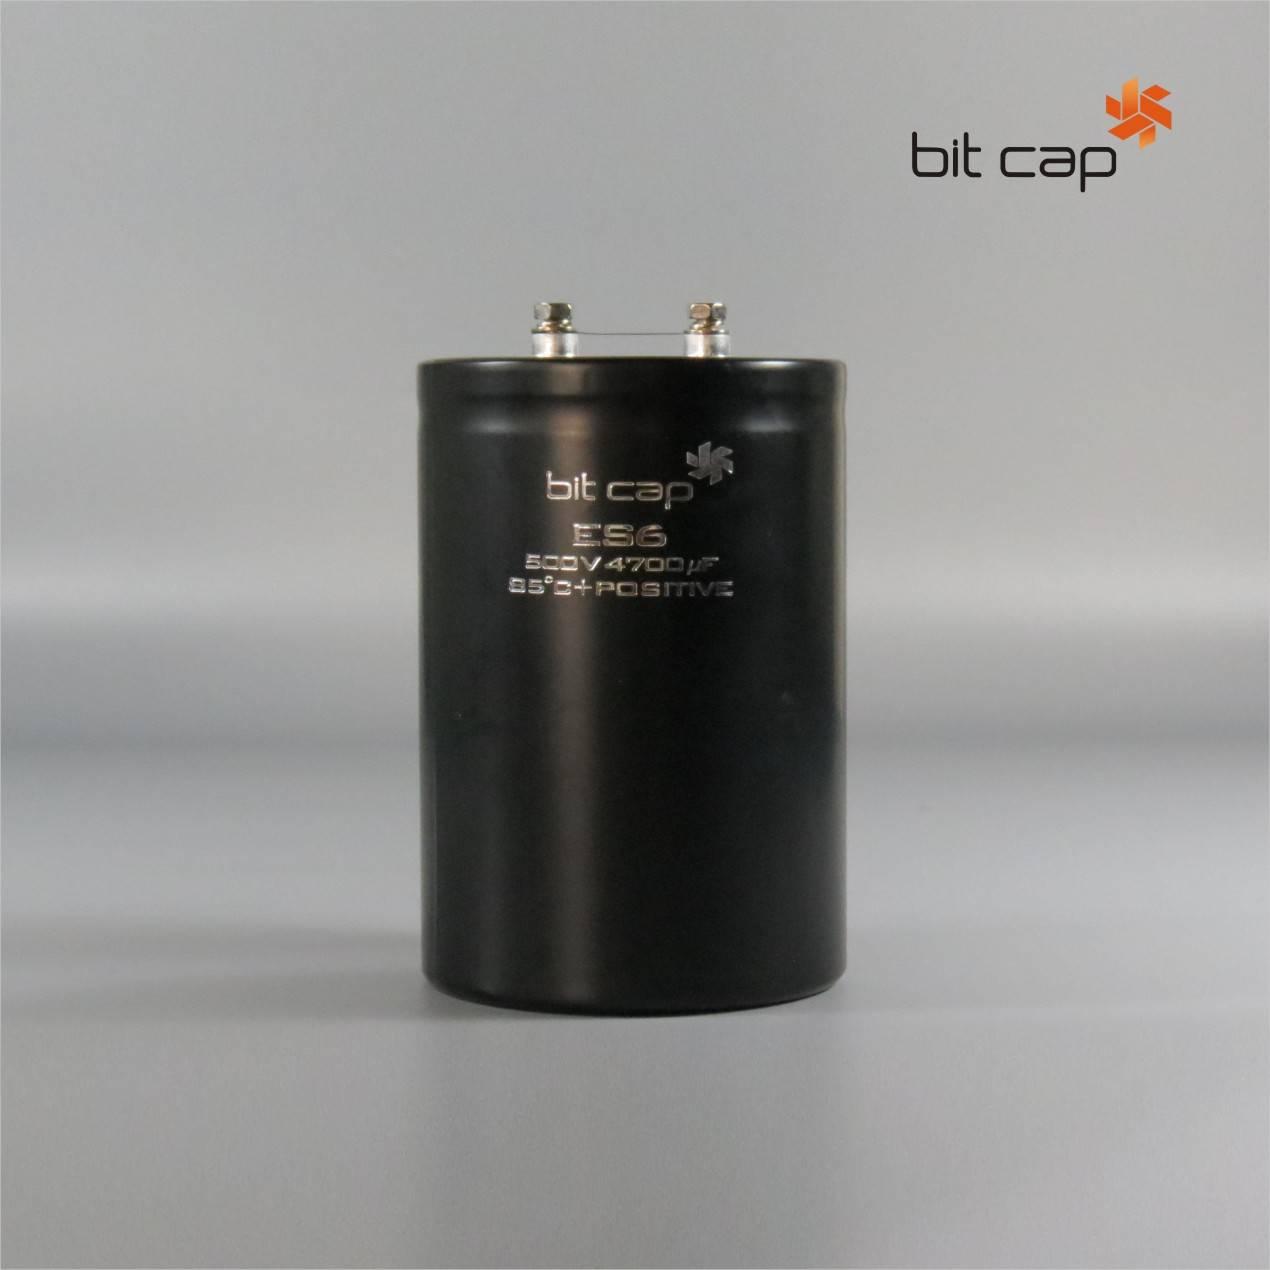 bit cap ES6  500V 4700uF  aluminum electronic capacitors